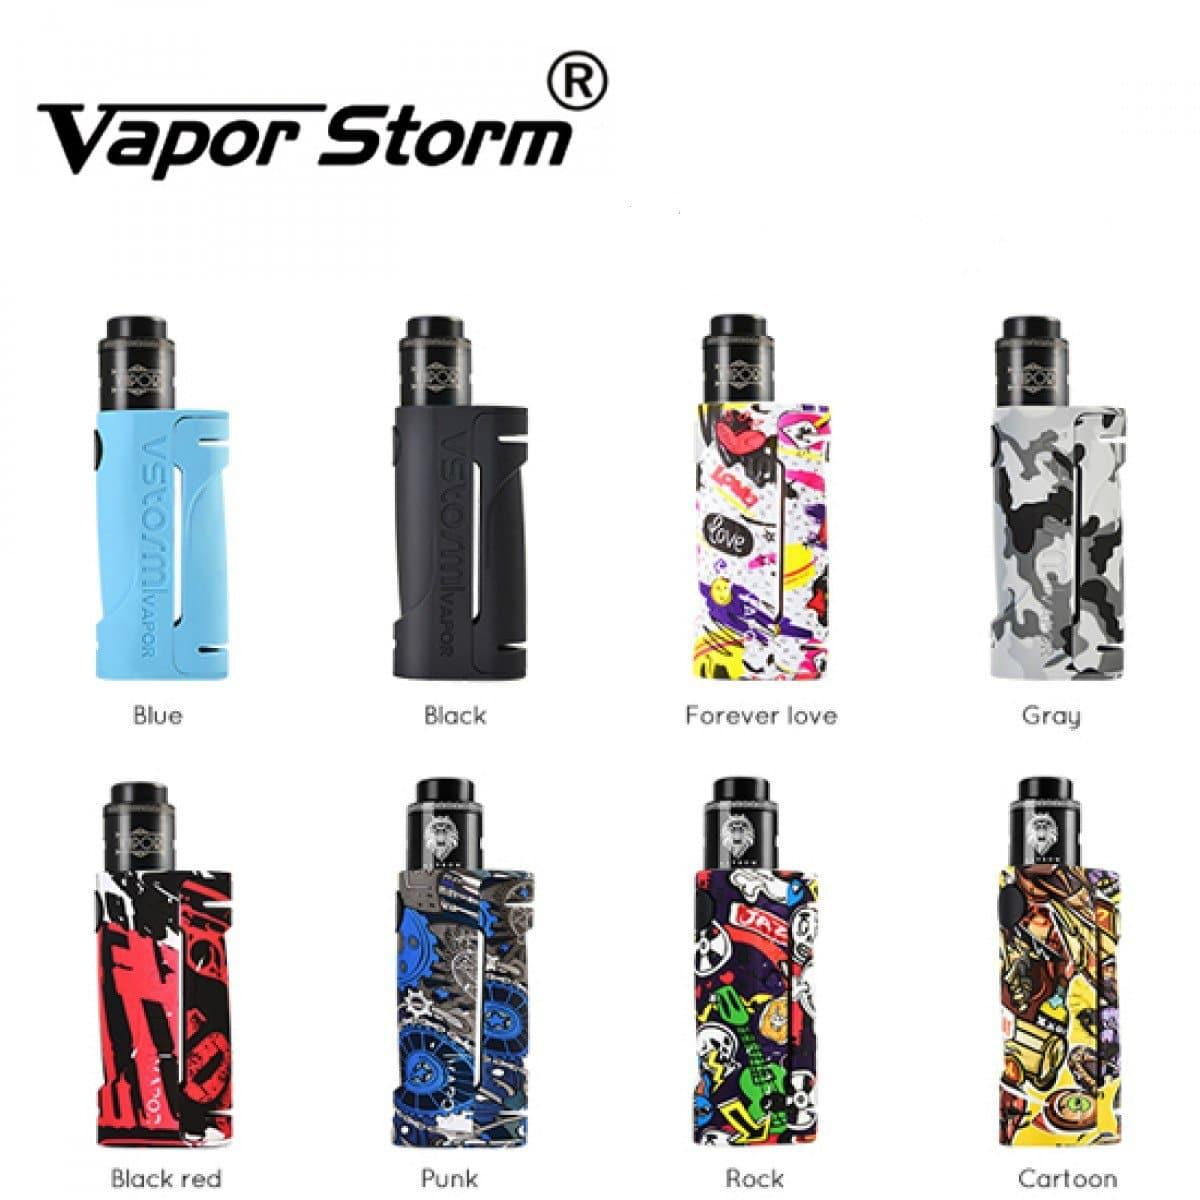 Vapor Storm Eco Rda Kit Vaporider